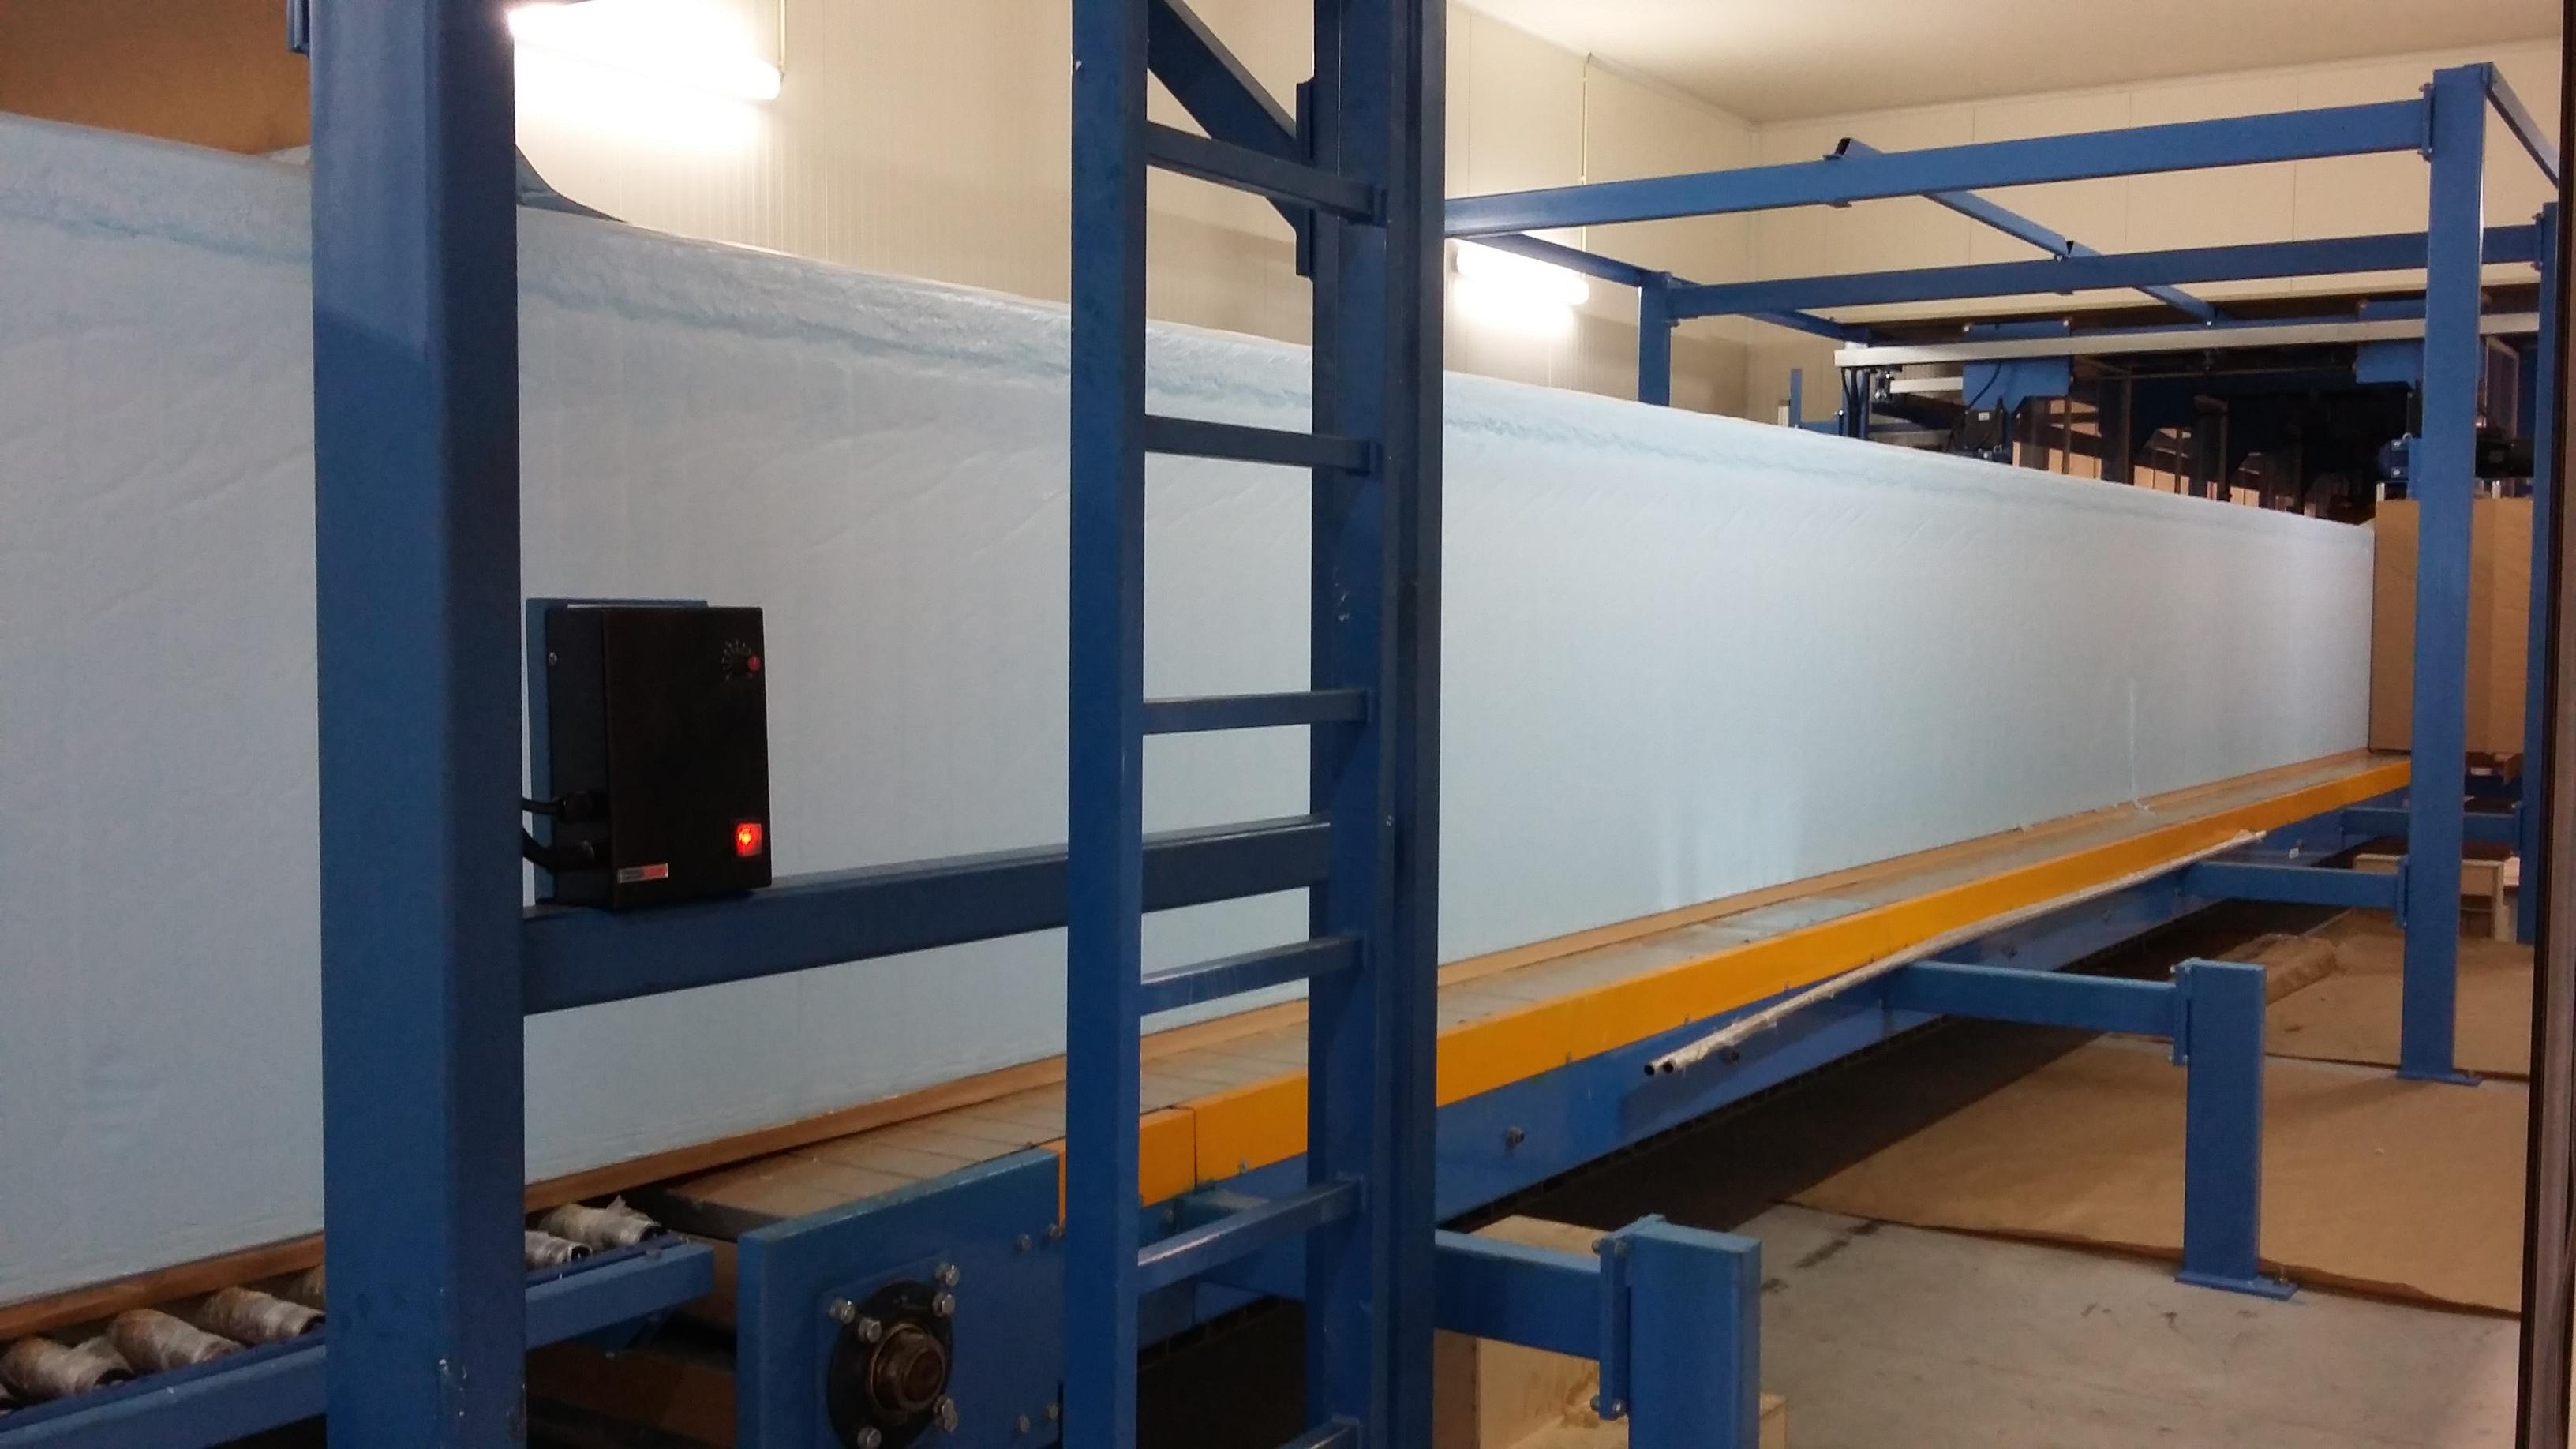 Aquinos intègre la fabrication / préparation des composants (ici, la mousserie) sur ses sites, qui contribue à l'optimisation de sa production